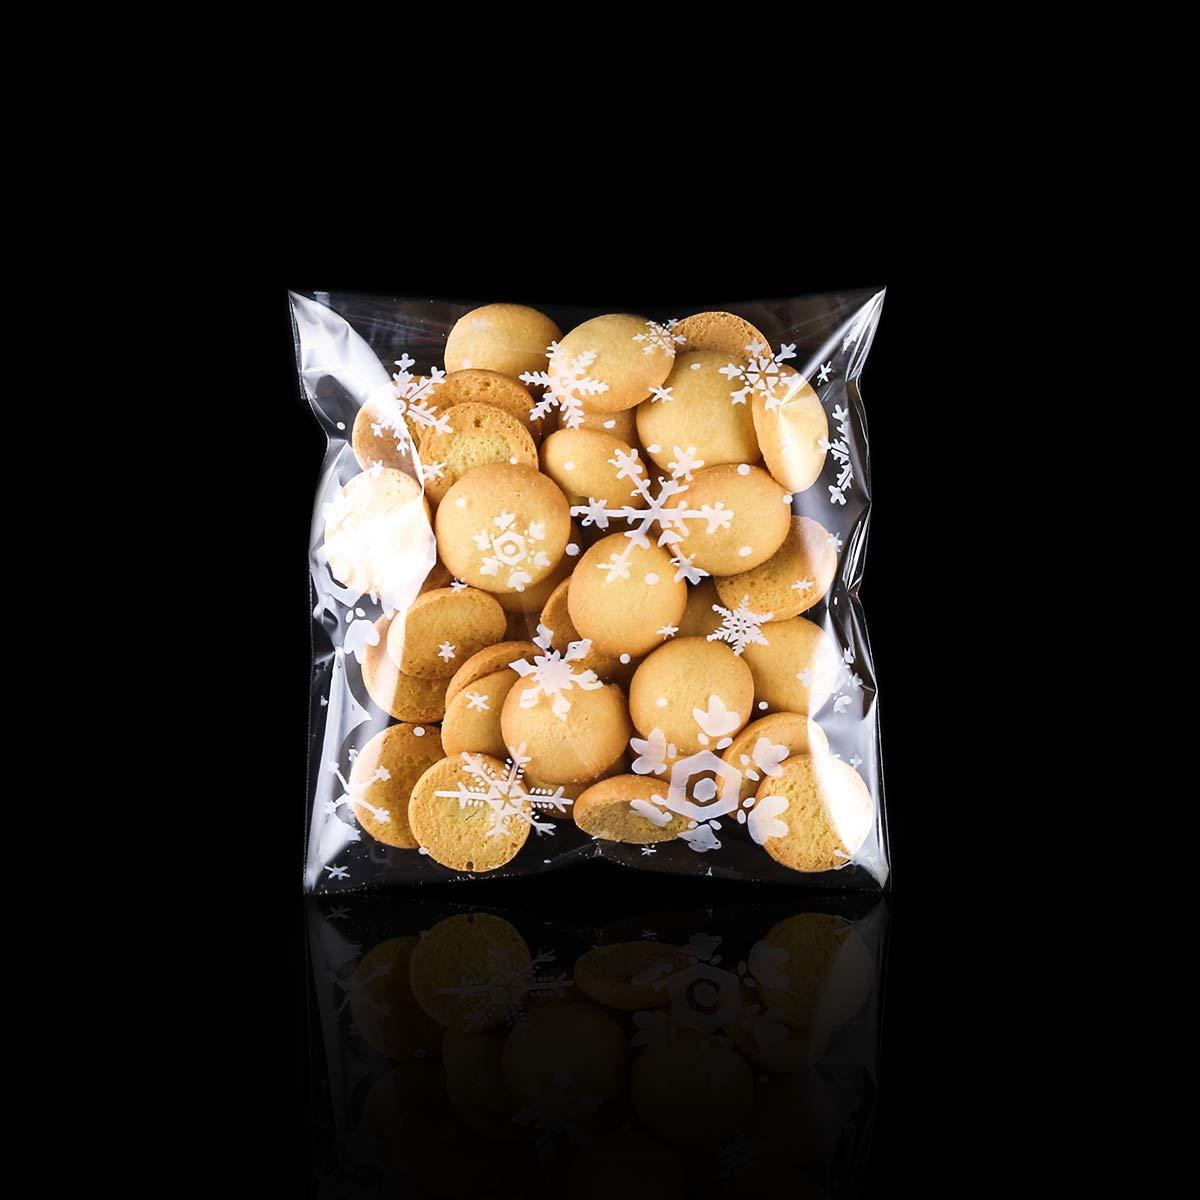 autoadesiva risigillabile plastica Sacchetti per Alimentari di Natale Festa Fiocchi di Neve Sacchetti cellophane Trasparente per Caramella MELLIEX 200pcs Sacchetti Biscotti di Natale